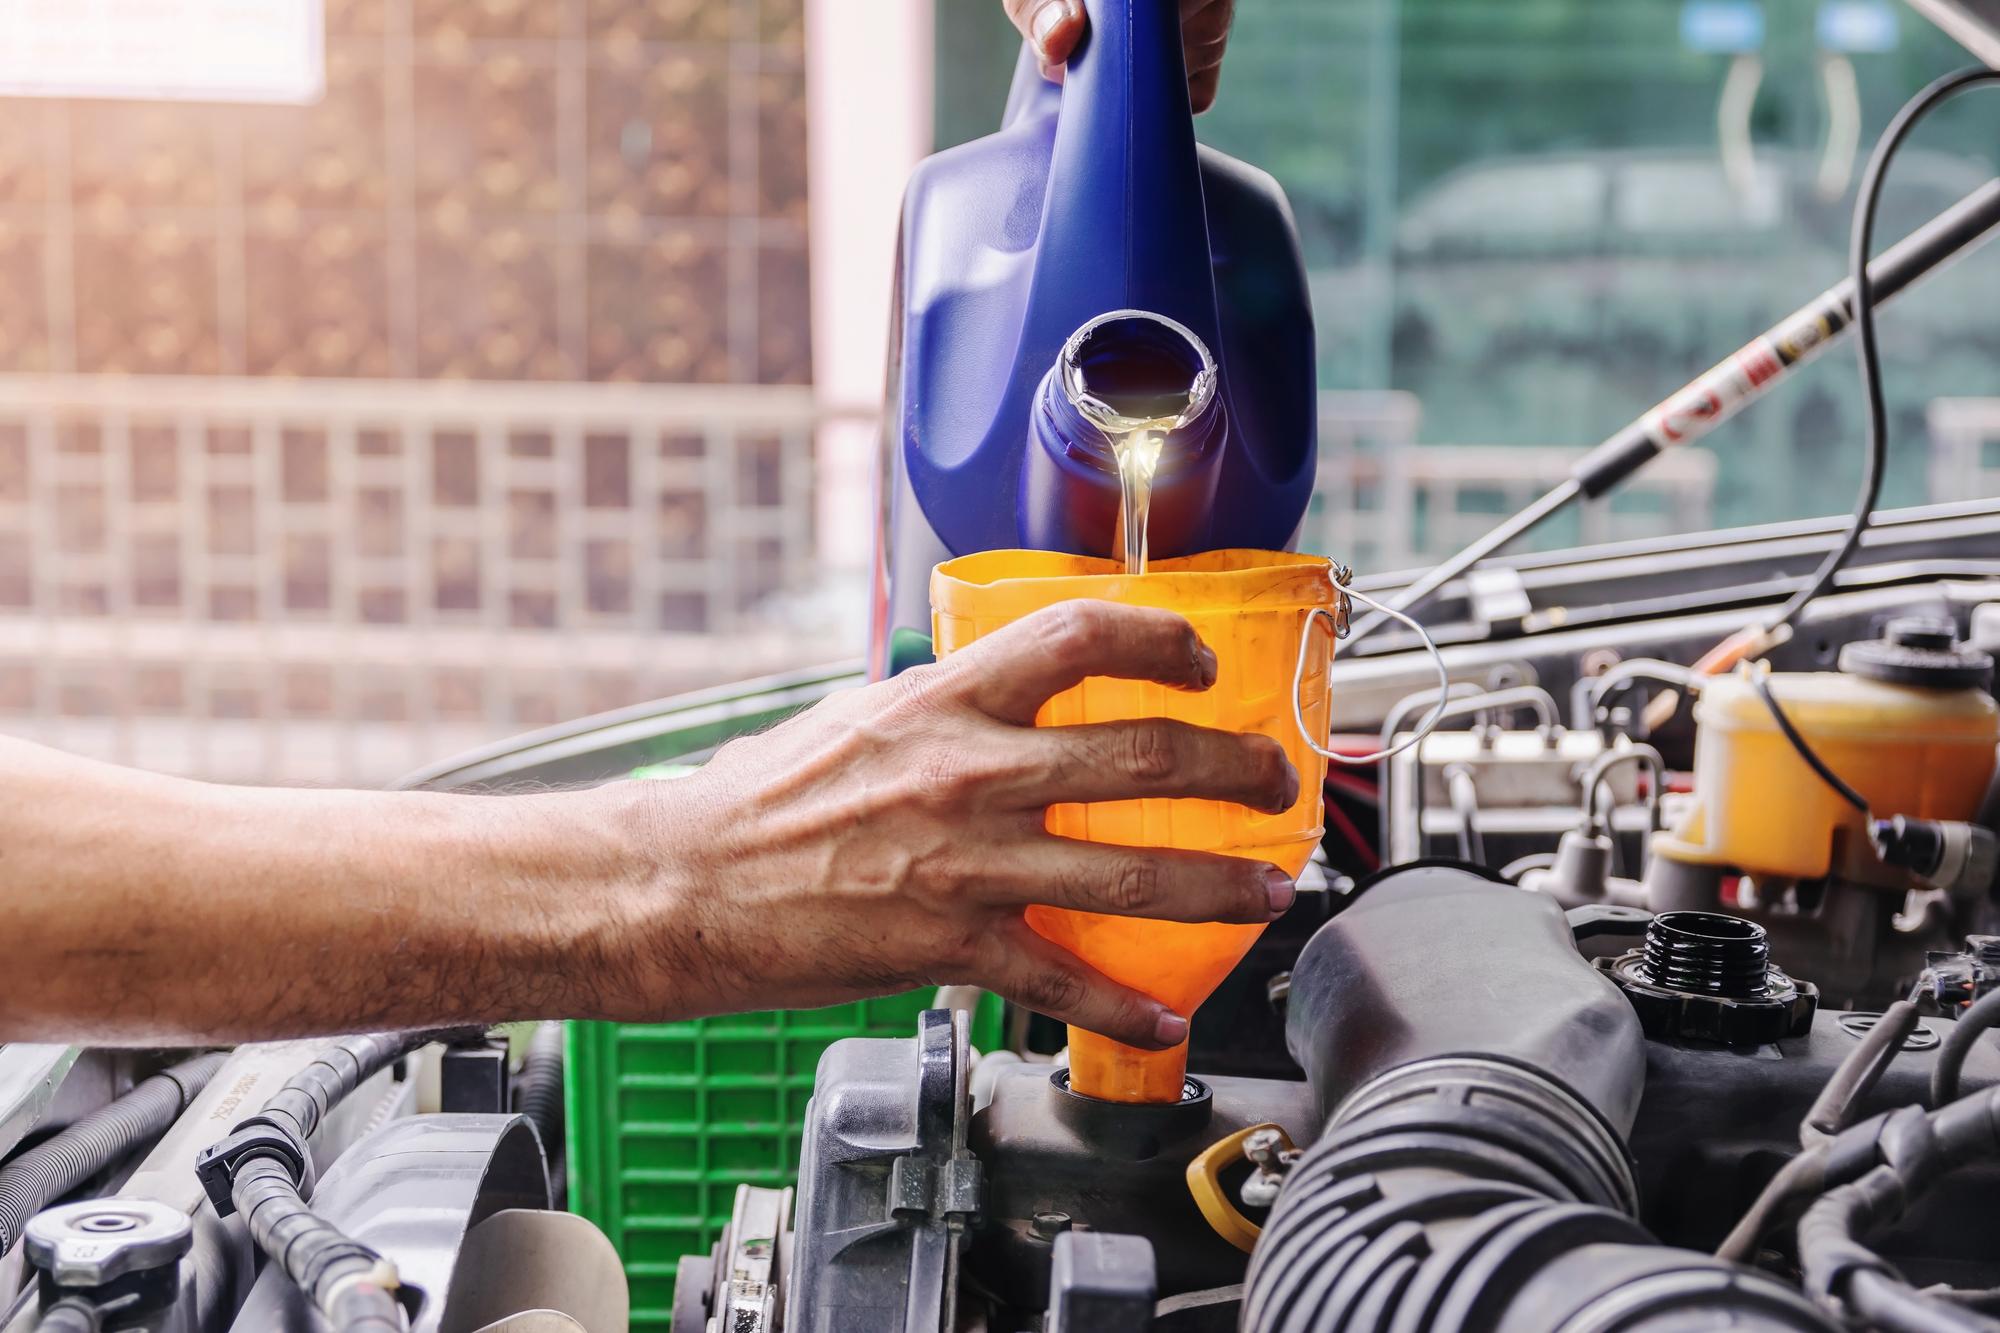 エンジンオイルの廃棄方法とは?正しい捨て方をご紹介!